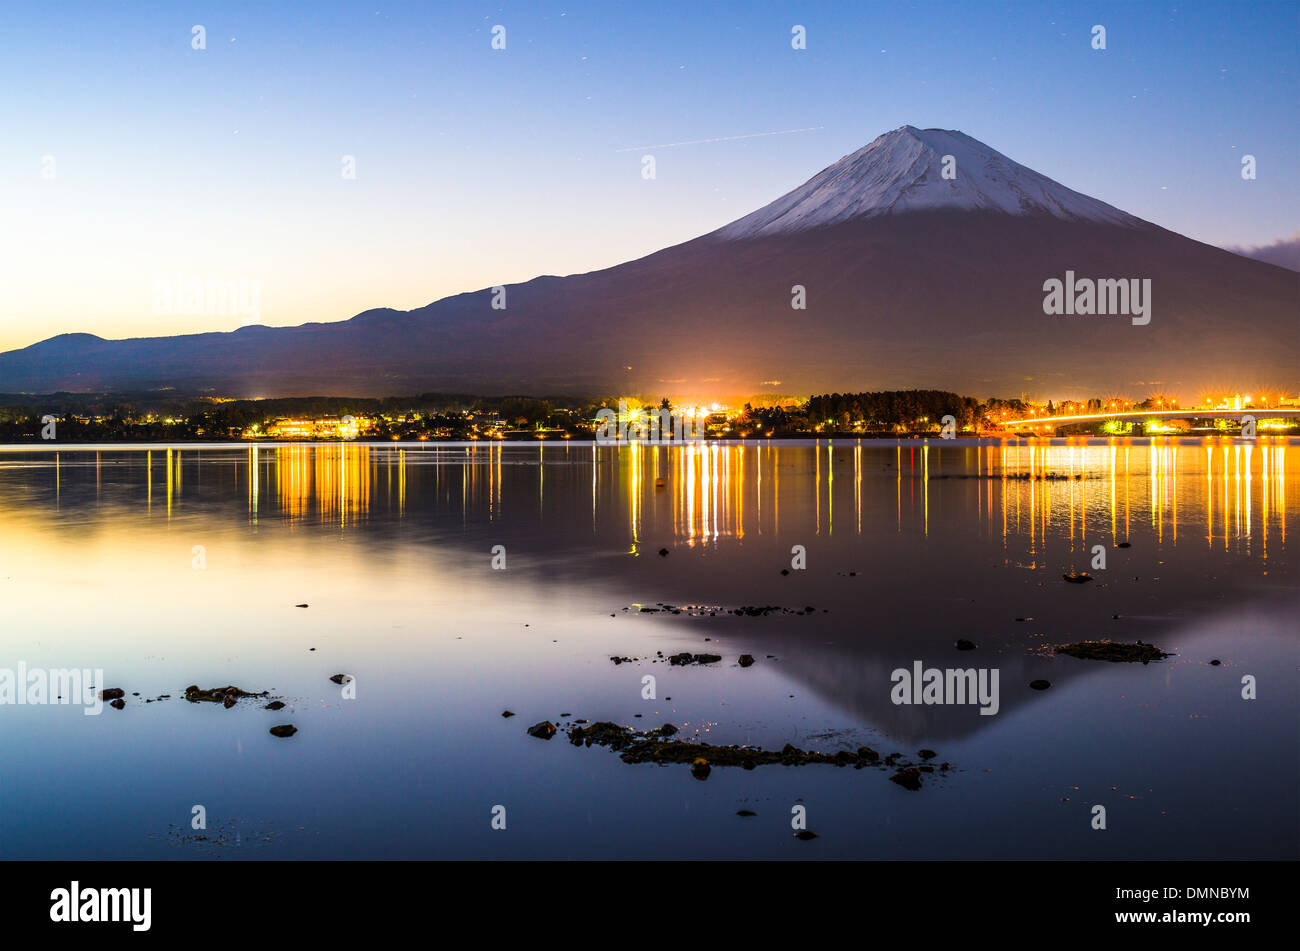 Mt. Fuji al tramonto sul Lago Kawaguchi in Giappone. Immagini Stock